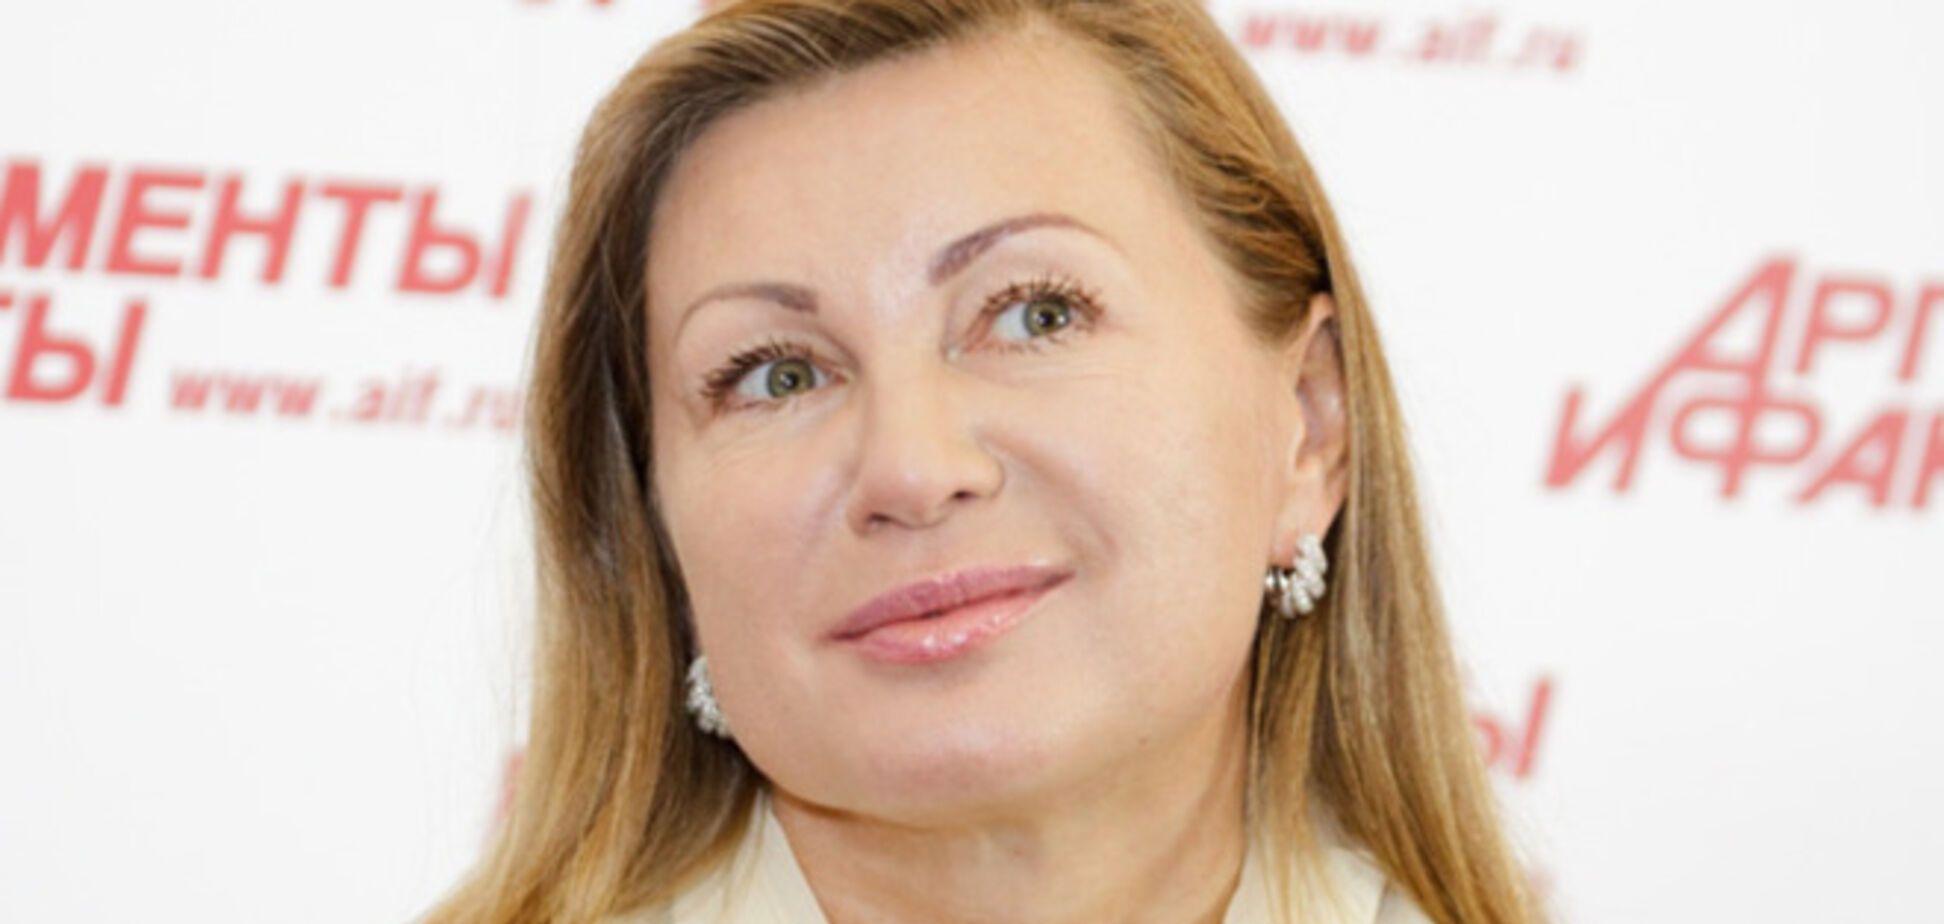 Перед луганчанами в день 'выборов' пела исполнительница хитов 'Русская водка' и 'Вор'